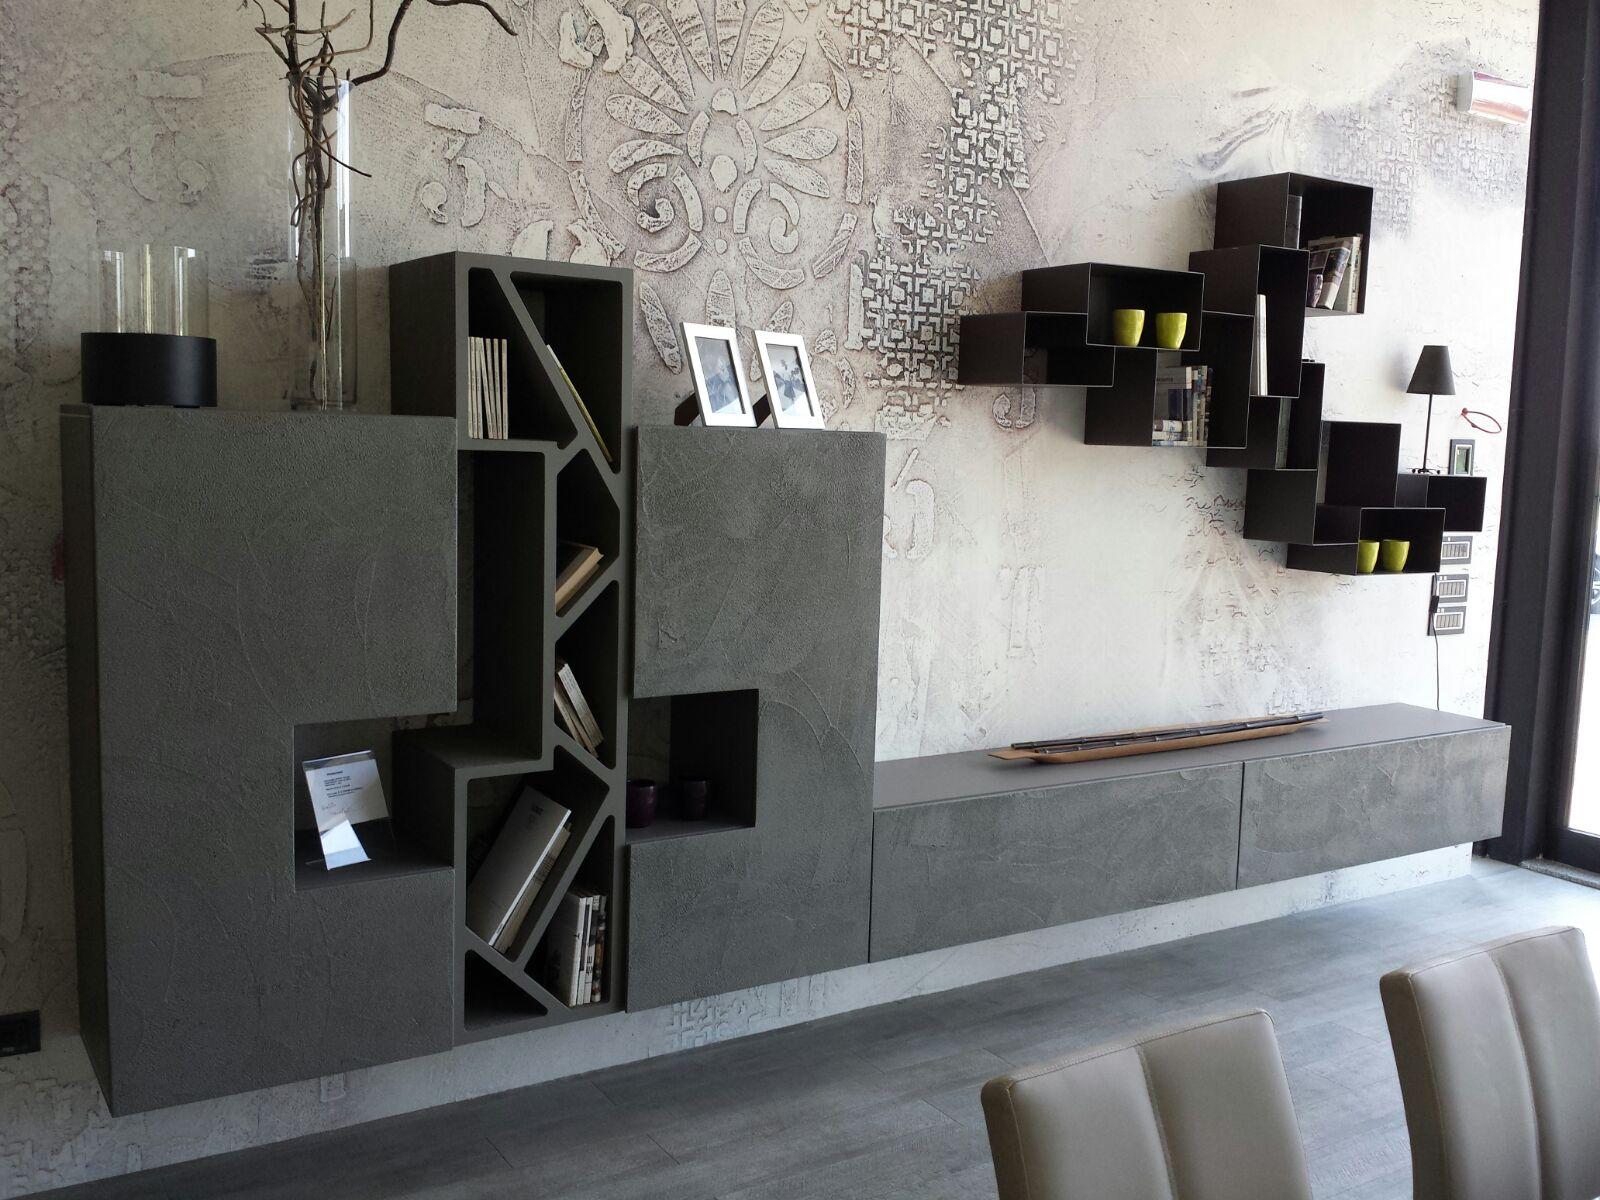 Mobili Soggiorno Di Qualita : Soggiorni di qualità mobili moderni contemporanei e